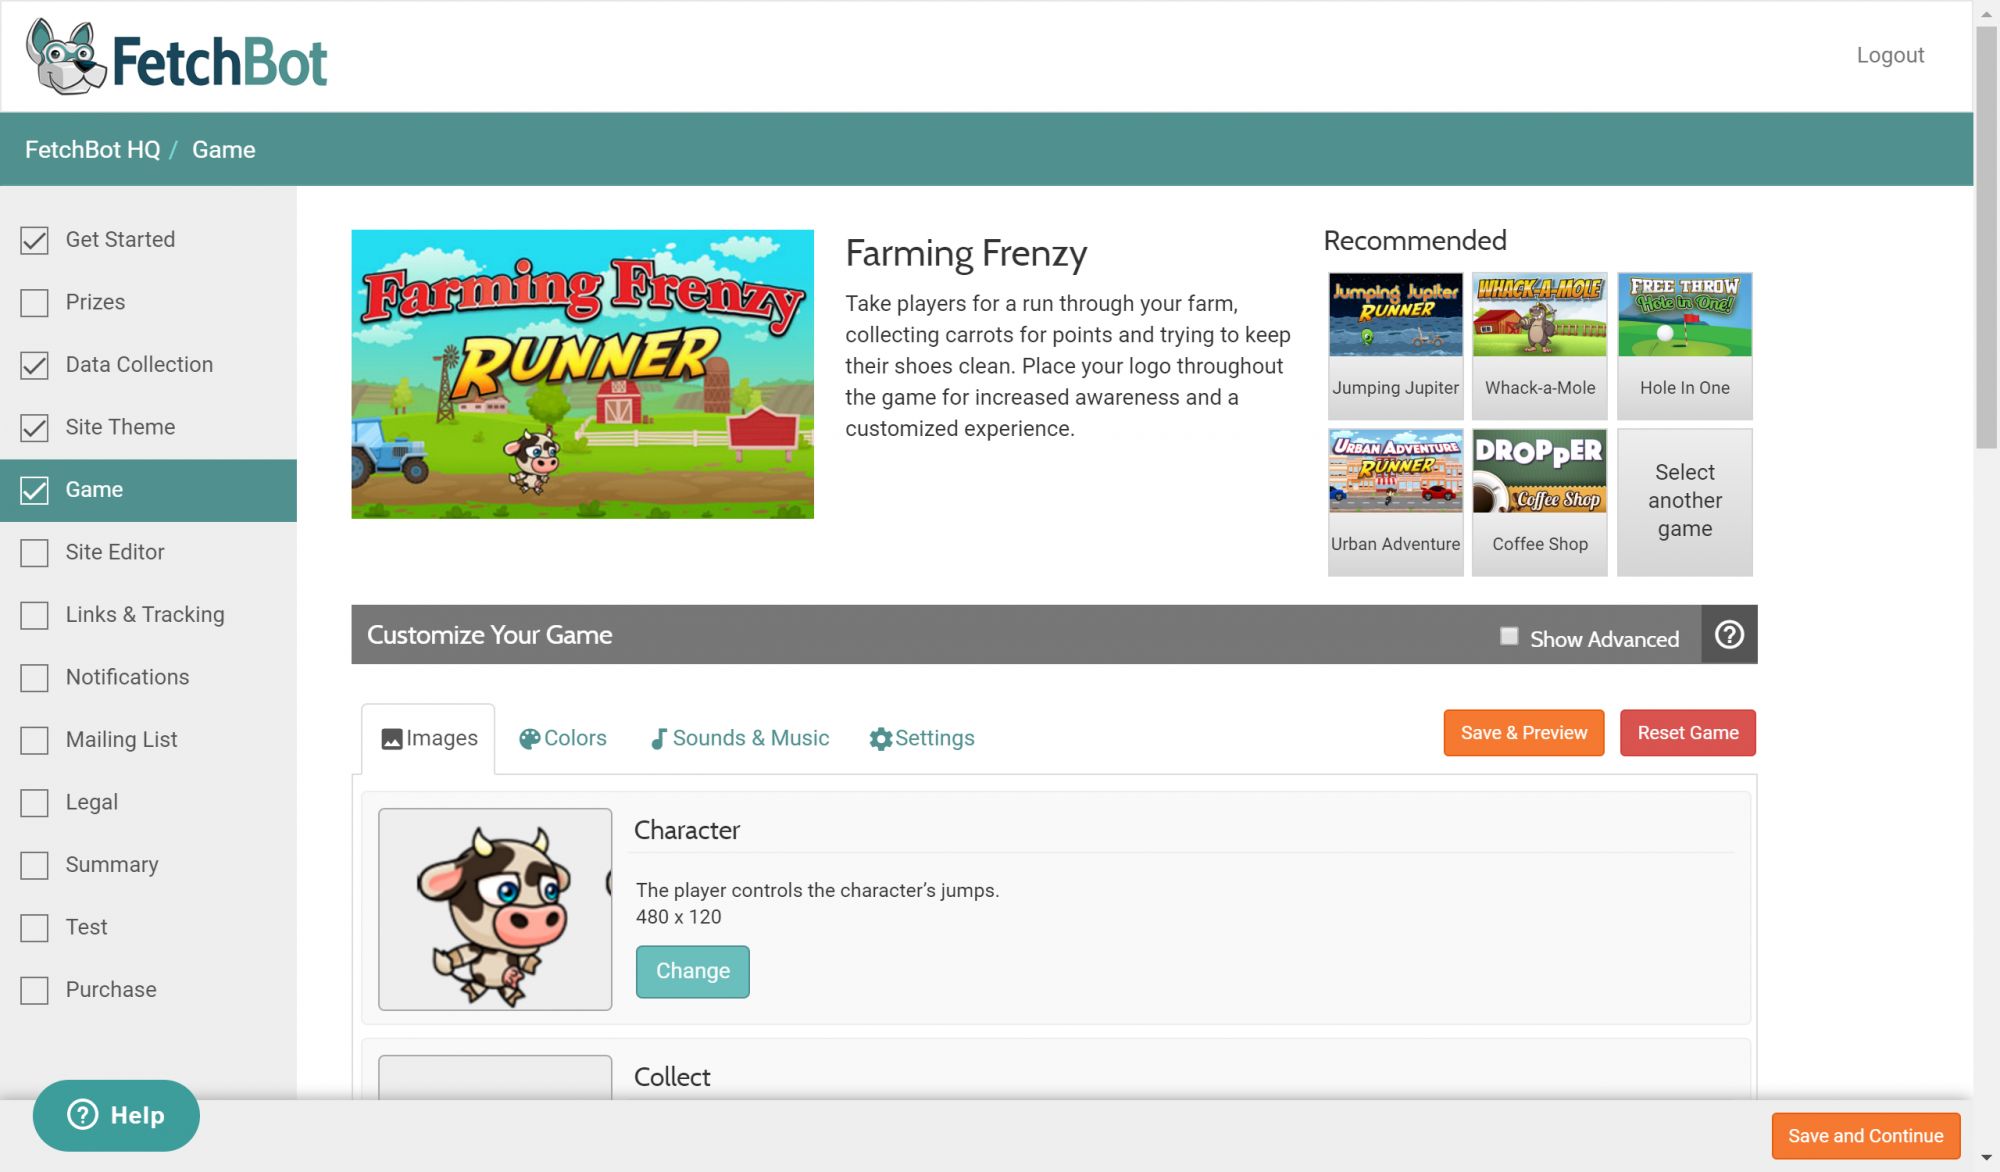 FetchBot - farming frenzy